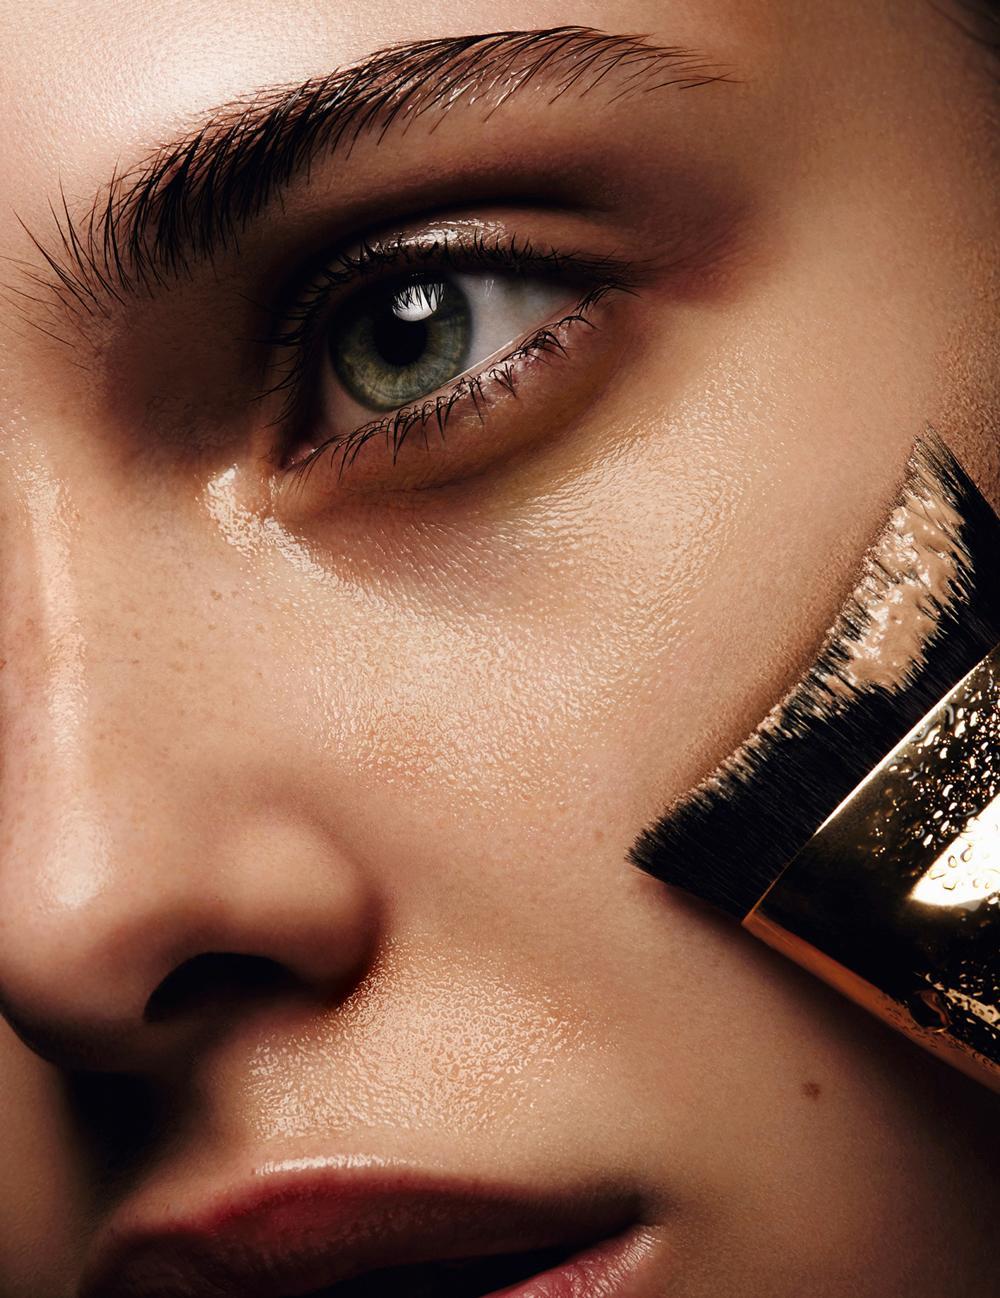 Maquillage Estée Lauder par Jurgen Braun, Pinceau Fond de Teint sculptant. e0172bddc7d9